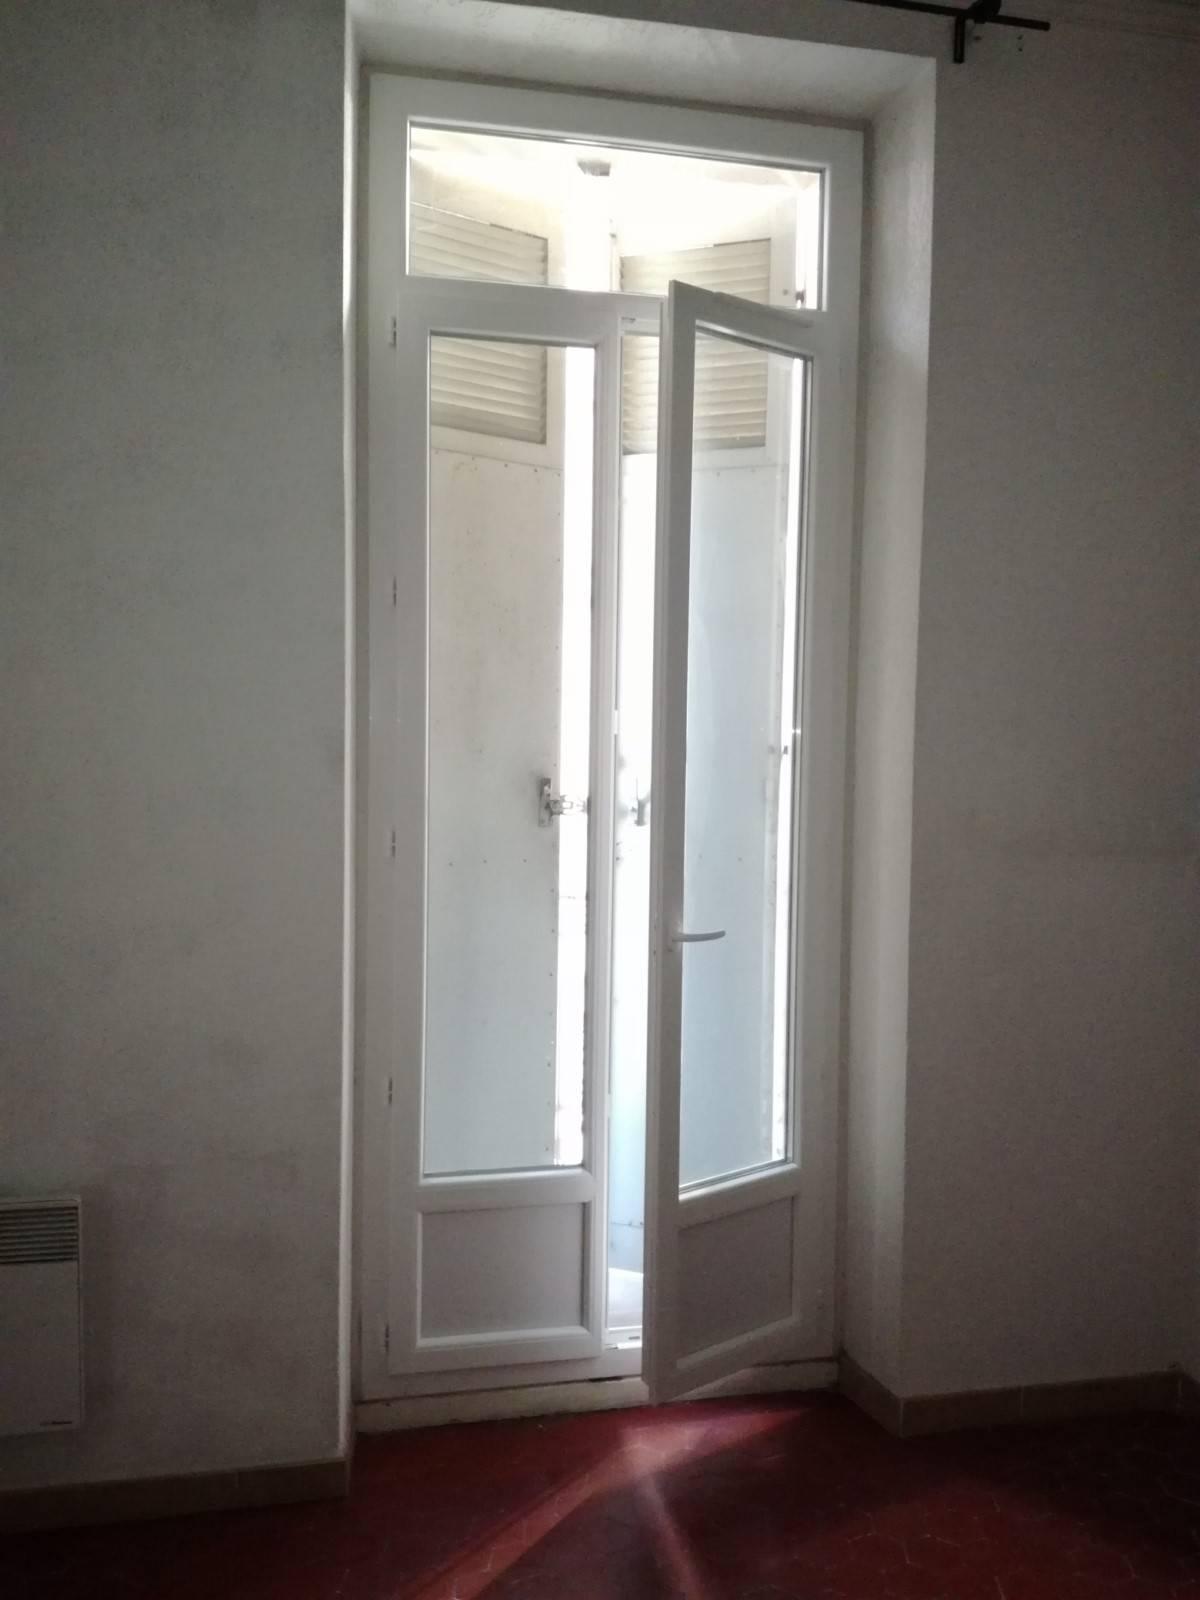 remplacement de porte fen tres pvc dans un appartement haussmannien installation et r novation. Black Bedroom Furniture Sets. Home Design Ideas